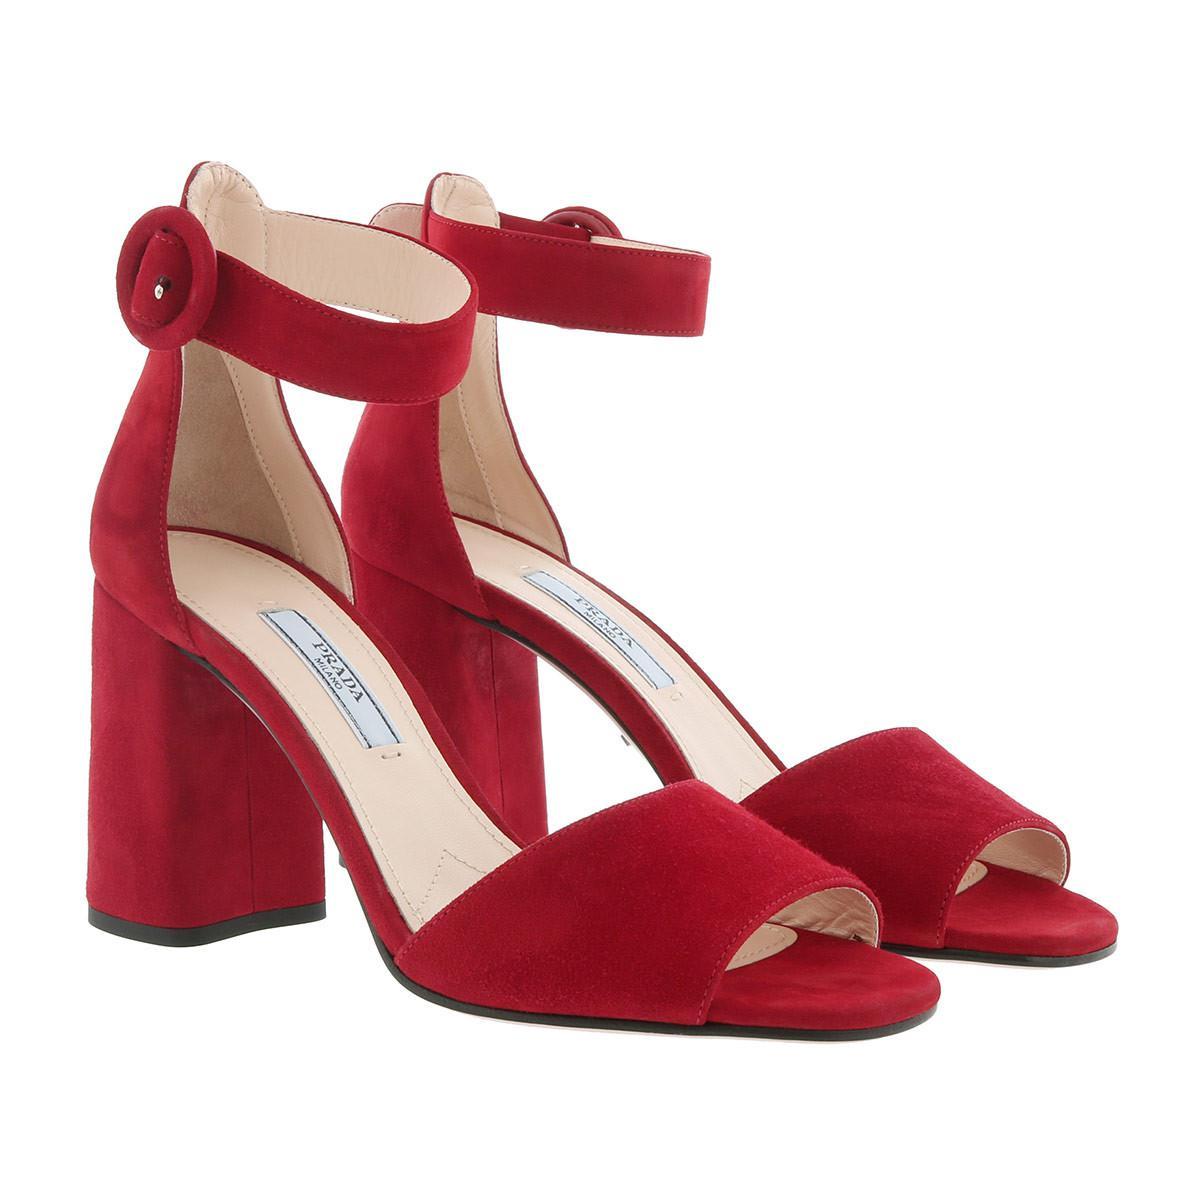 Sandales - Bout Ouvert Sandales À Talons En Cuir Rosso - Sandales Pour Dames - Prada Rouge RUlAbeiaf